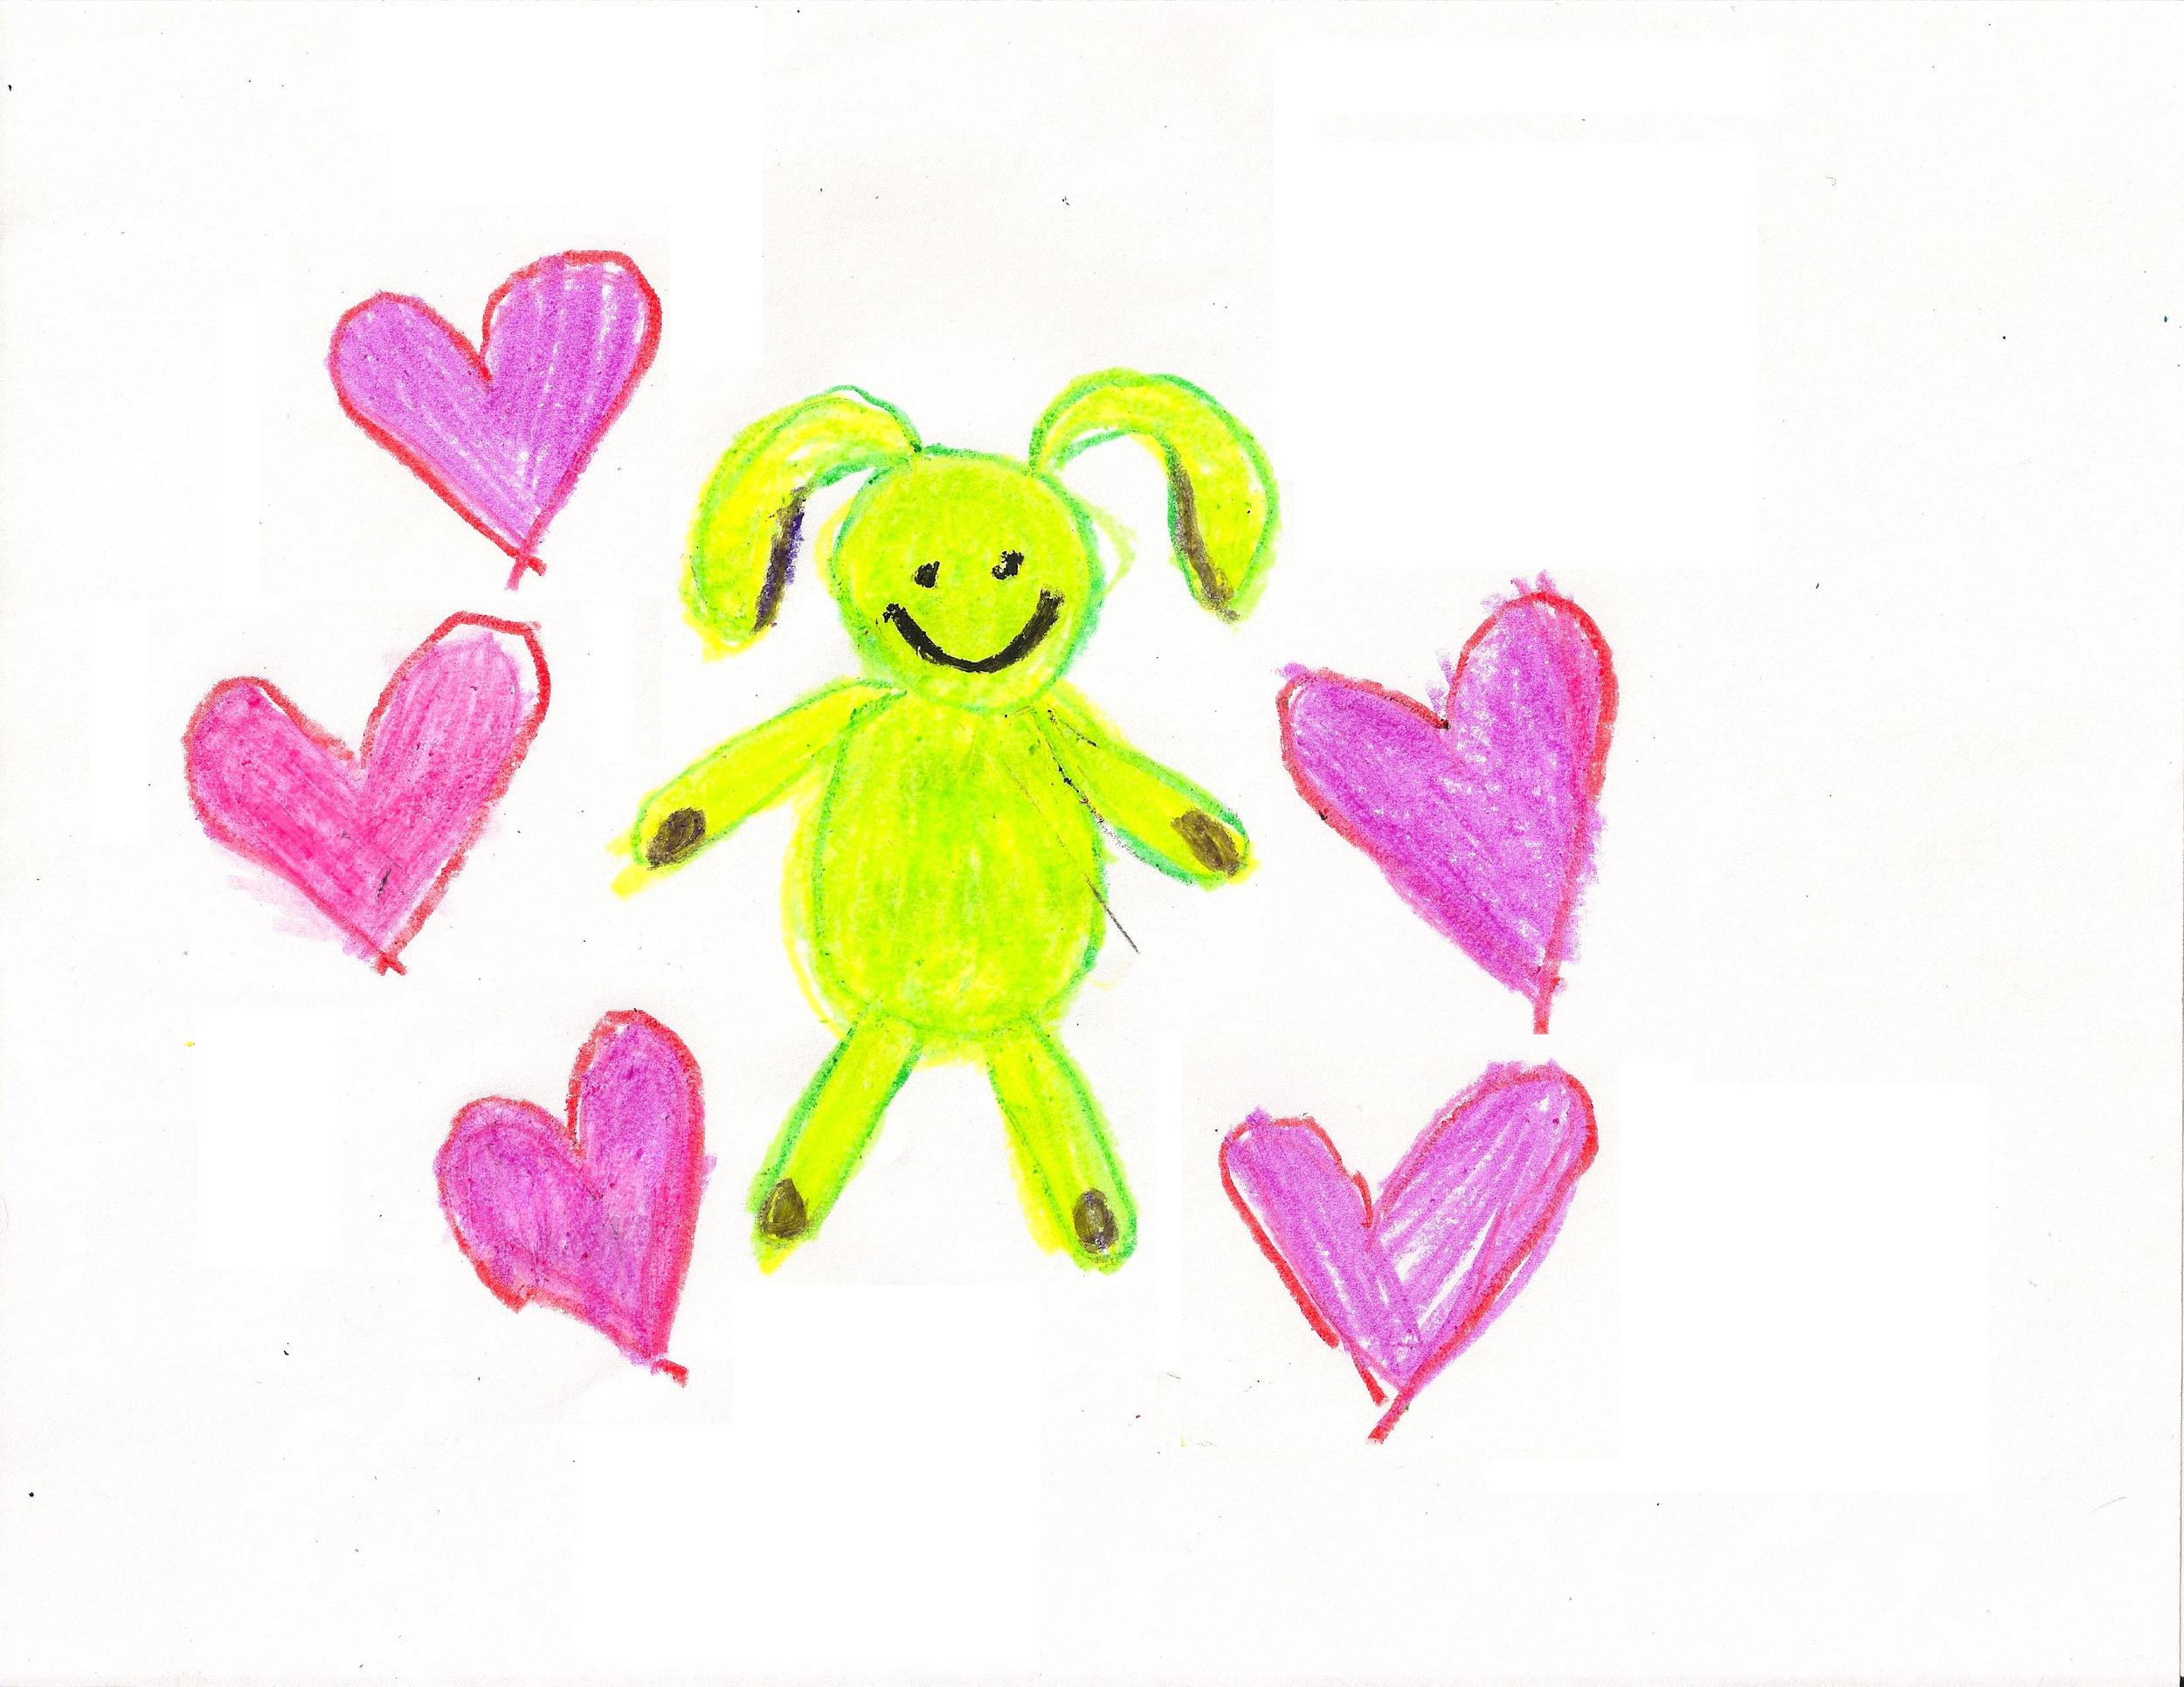 Heart 6.jpg